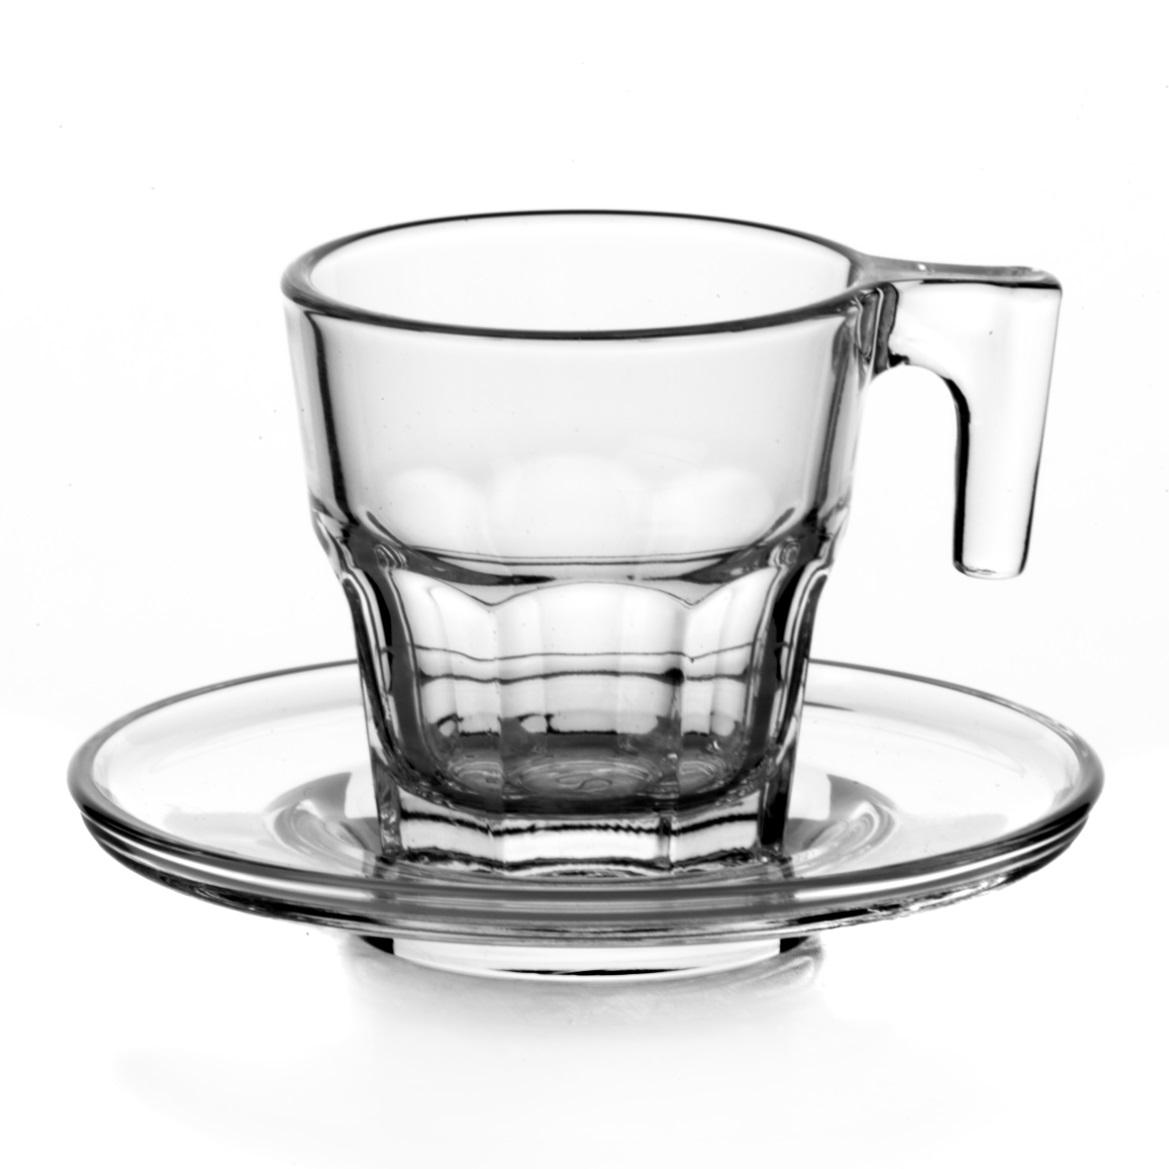 Набор кофейный Pasabahce Casablanka, цвет: прозрачный, 12 предметов214173Кофейный набор Pasabahce Casablanka состоит из 6 кружек и 6 блюдец, выполненных из натрий-кальций-силикатного стекла. Изделия сочетают в себе изысканный дизайн и функциональность. Благодаря такому набору пить кофе будет еще вкуснее.Кофейный набор Pasabahce Casablanka прекрасно оформит праздничный стол и создаст приятную атмосферу за ужином. Такой набор также станет хорошим подарком к любому случаю. Можно мыть в посудомоечной машине.Количество кружек: 6 шт.Диаметр кружки (по верхнему краю): 5,5 см.Высота кружки: 6 см.Объем кружки: 70 мл.Количество блюдец: 6 шт.Диаметр блюдца: 8 см.